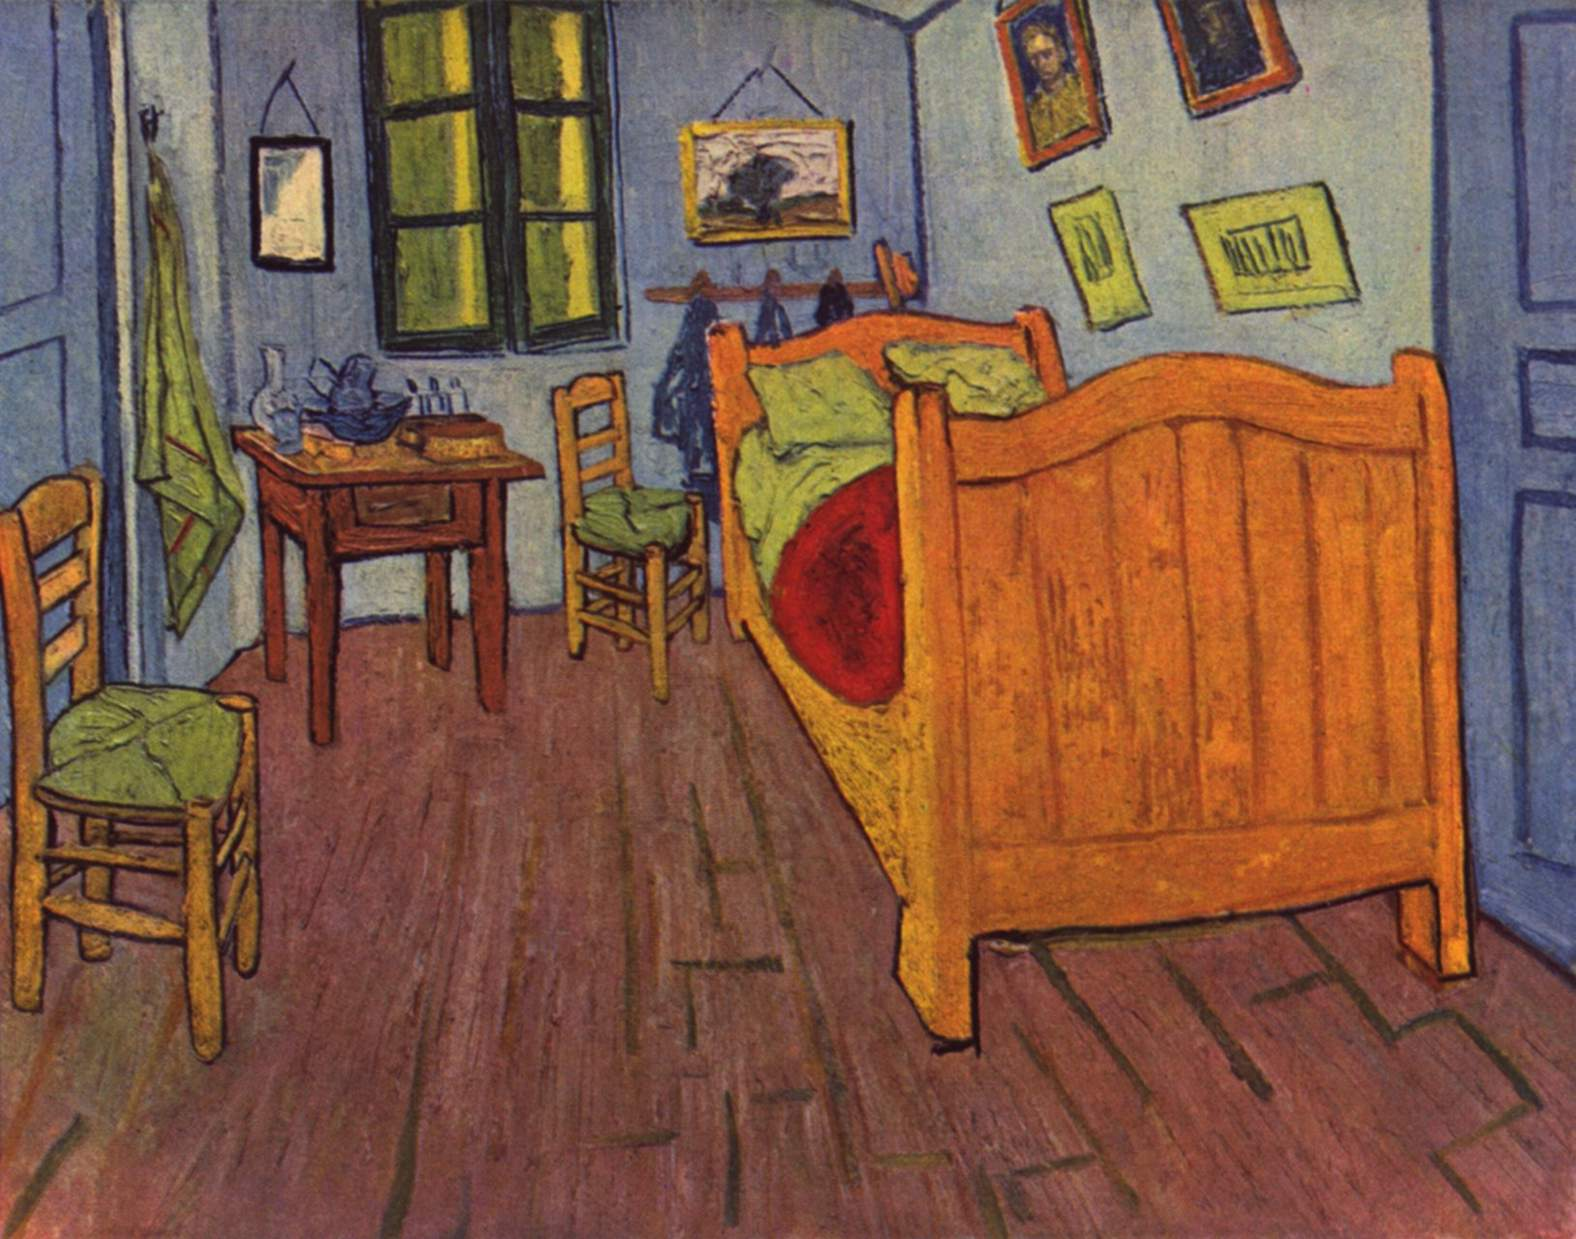 La camera da letto di van gogh ad arles i colori non sono quelli originali - Camera di letto usato ...